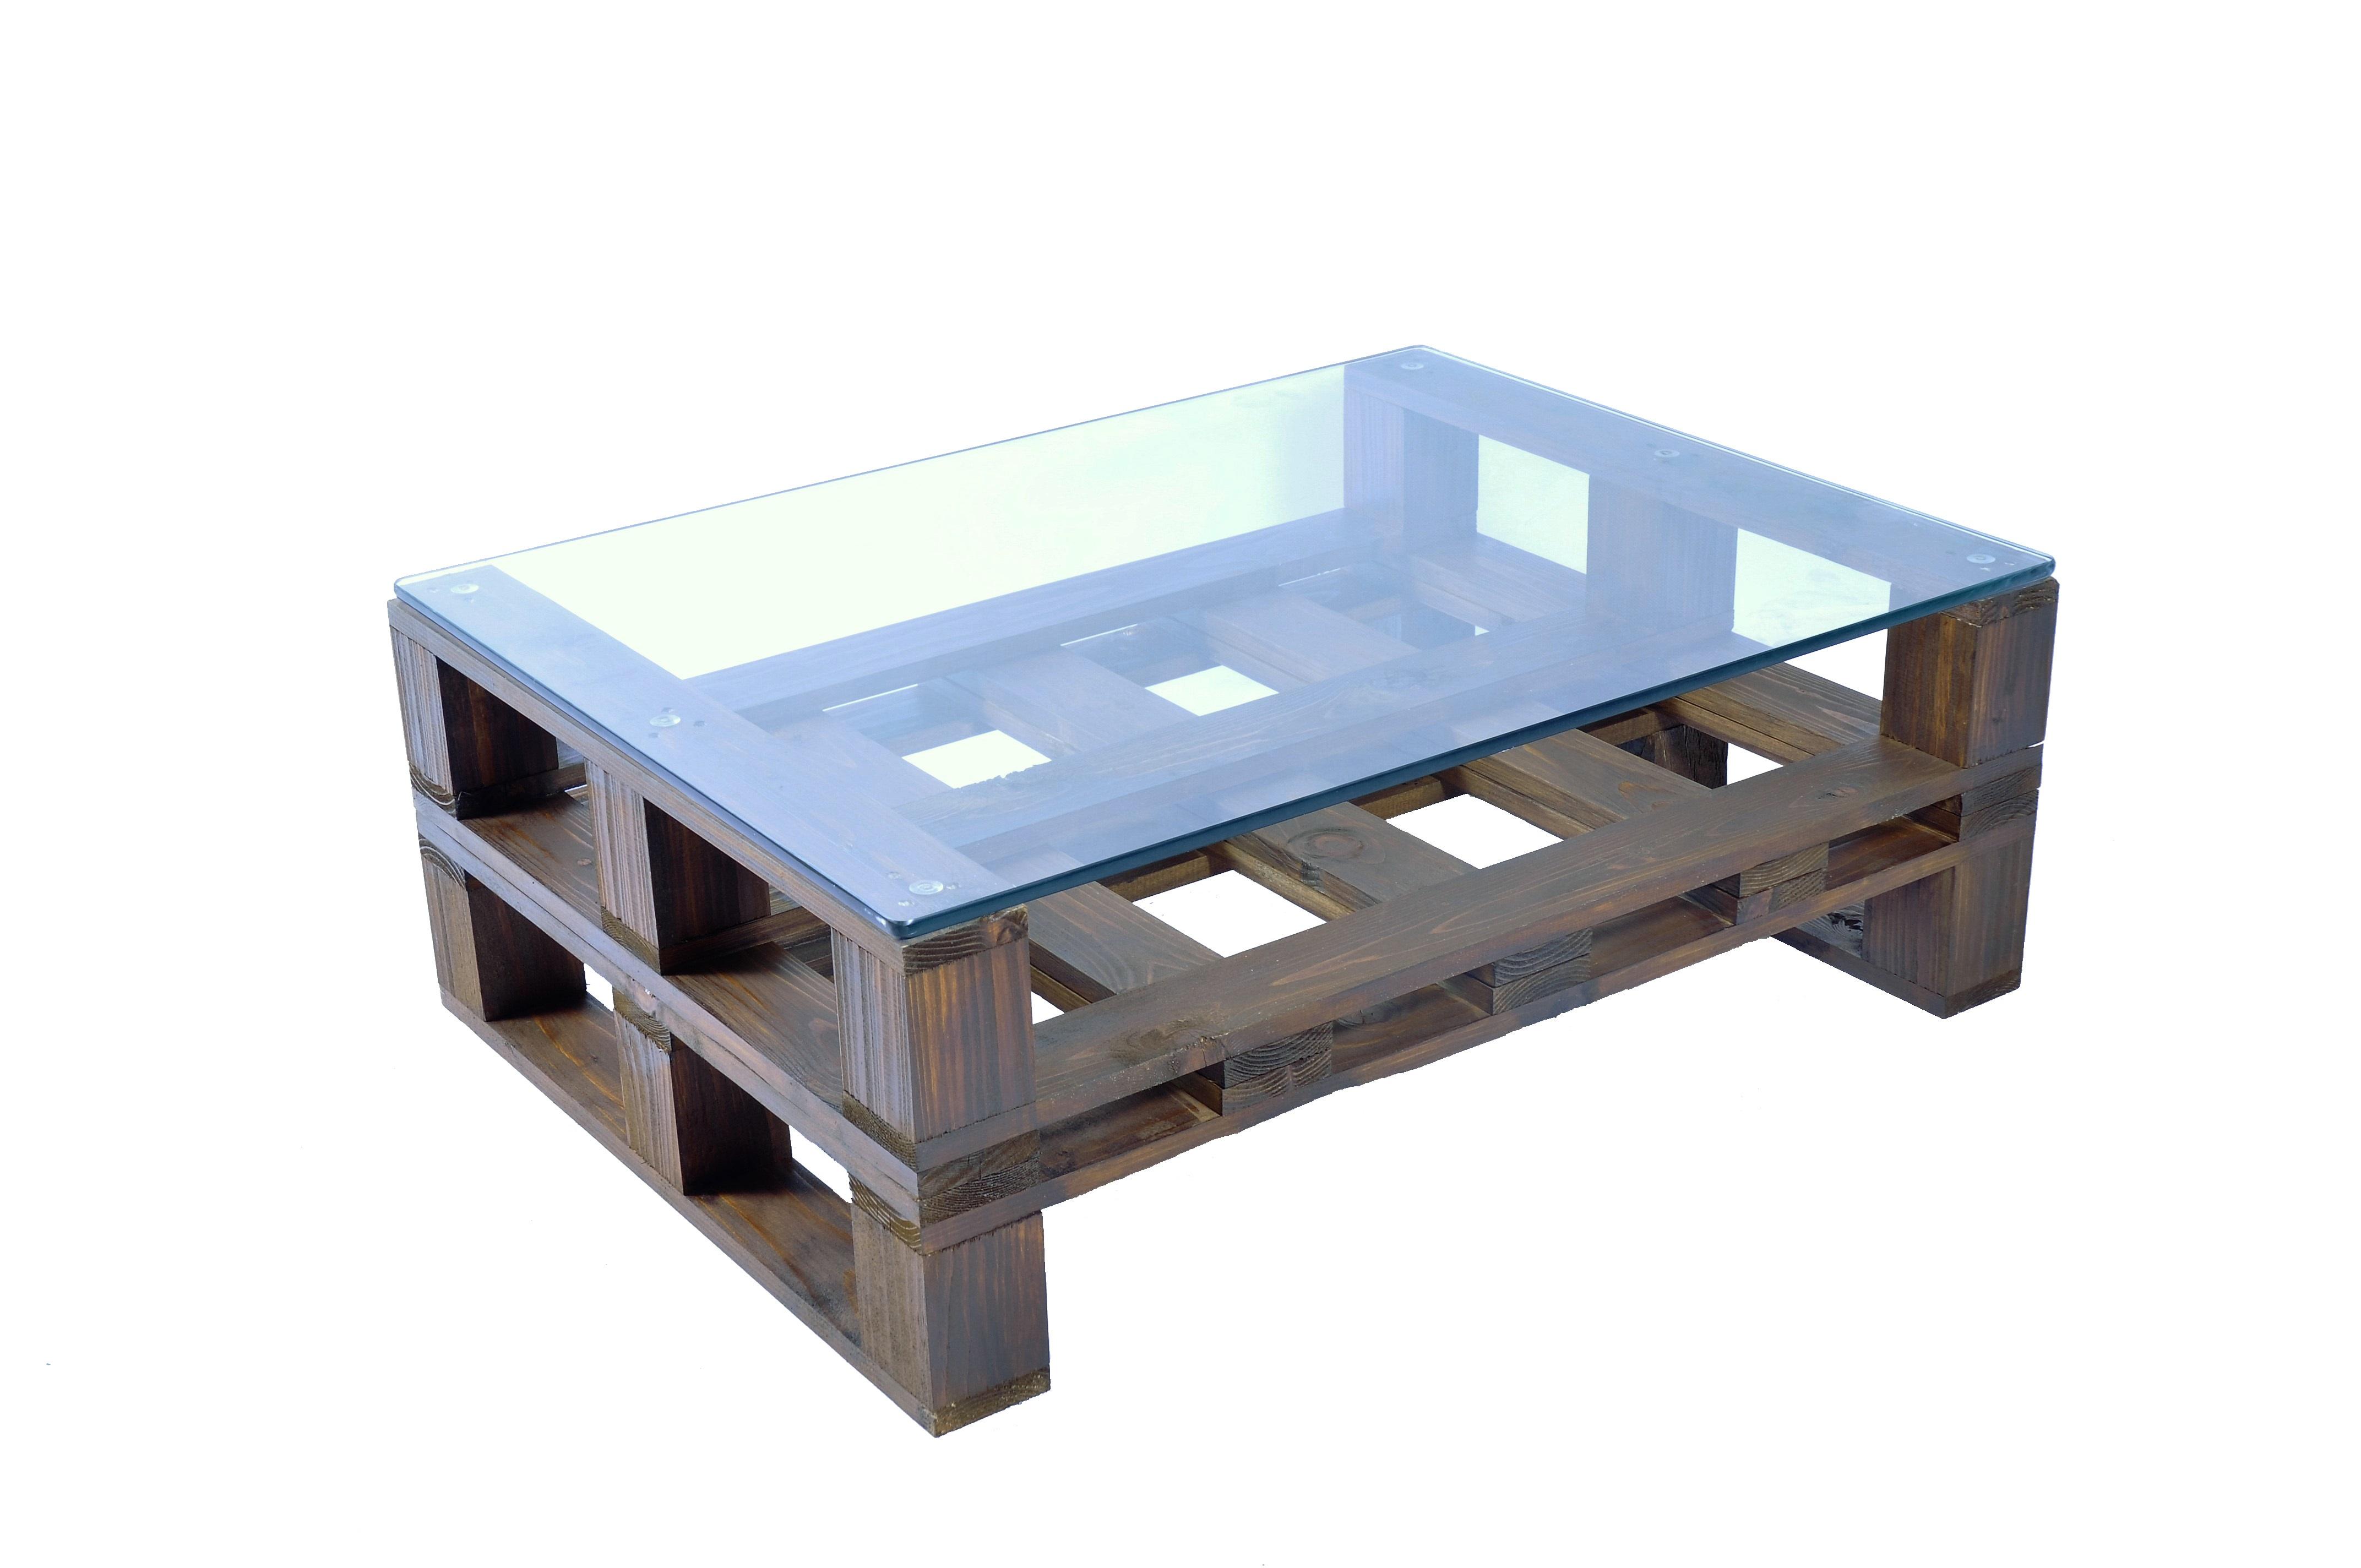 Ripiano In Vetro Per Tavolo.Tavolino Basso Con Ripiano In Vetro2 Mobili In Pallet